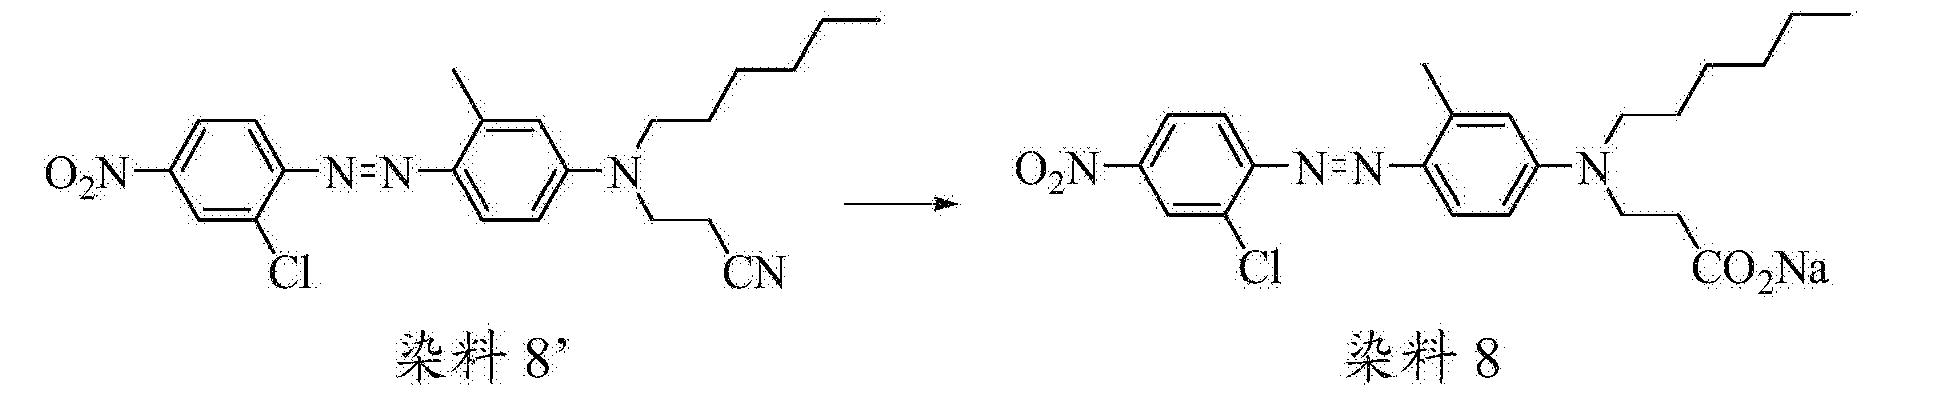 Figure CN104350106BD00213